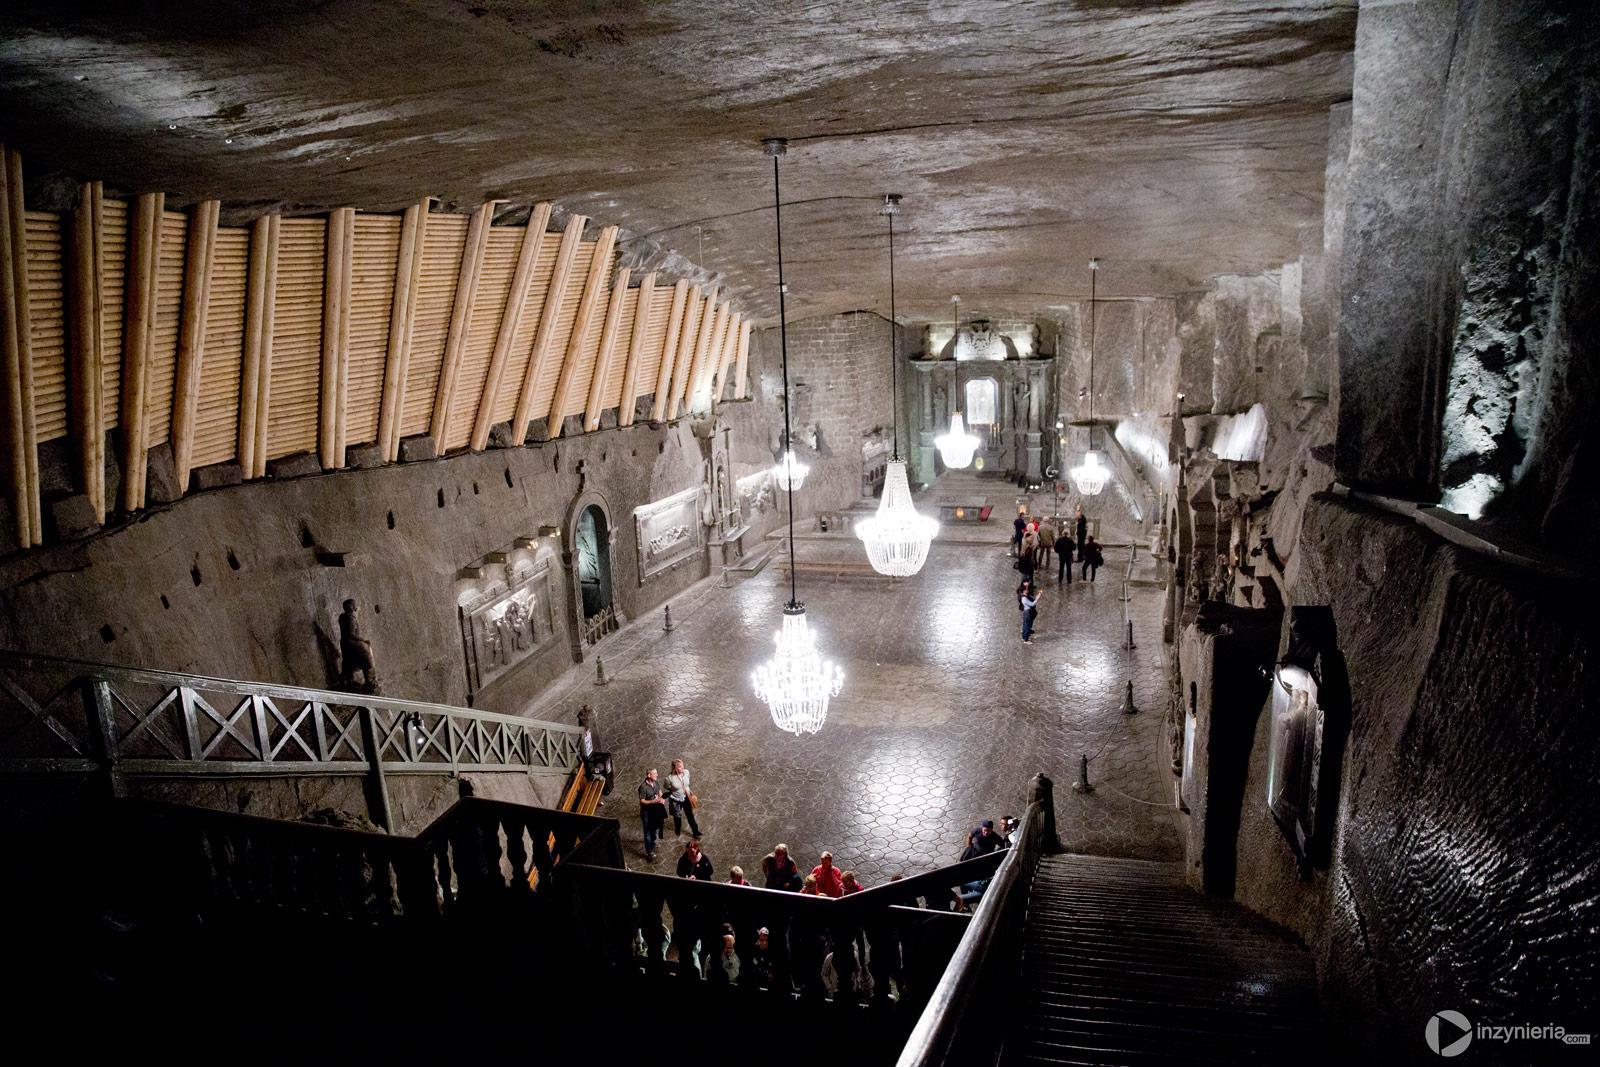 Wycieczka po kopalnii  soli w Wielczce / fot. <a href=&quot;http://www.quality-studio.com&quot; target=&quot;_blank&quot;>Quality Studio</a> dla www.inzynieria.com